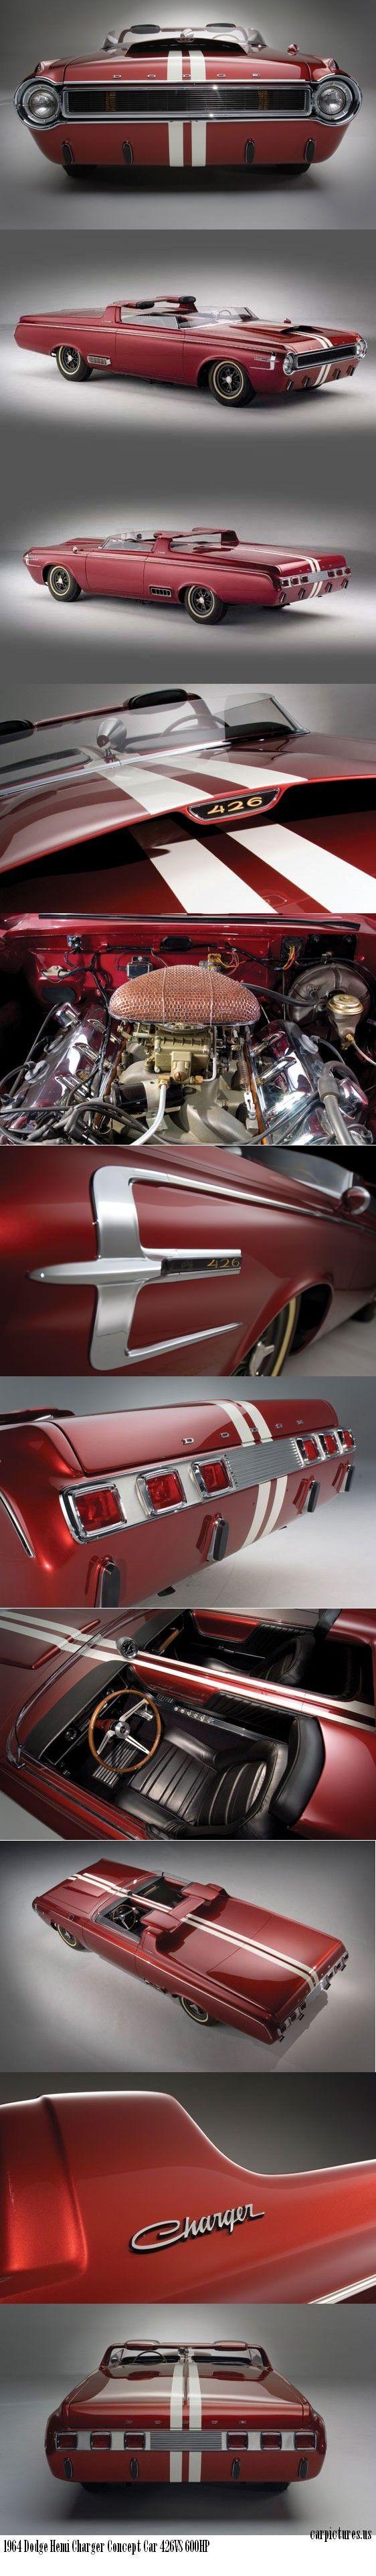 1964 Dodge Hemi Charger Concept Car. 426 Hemi, 600HP.   Repinned by www.BlickeDeeler.de